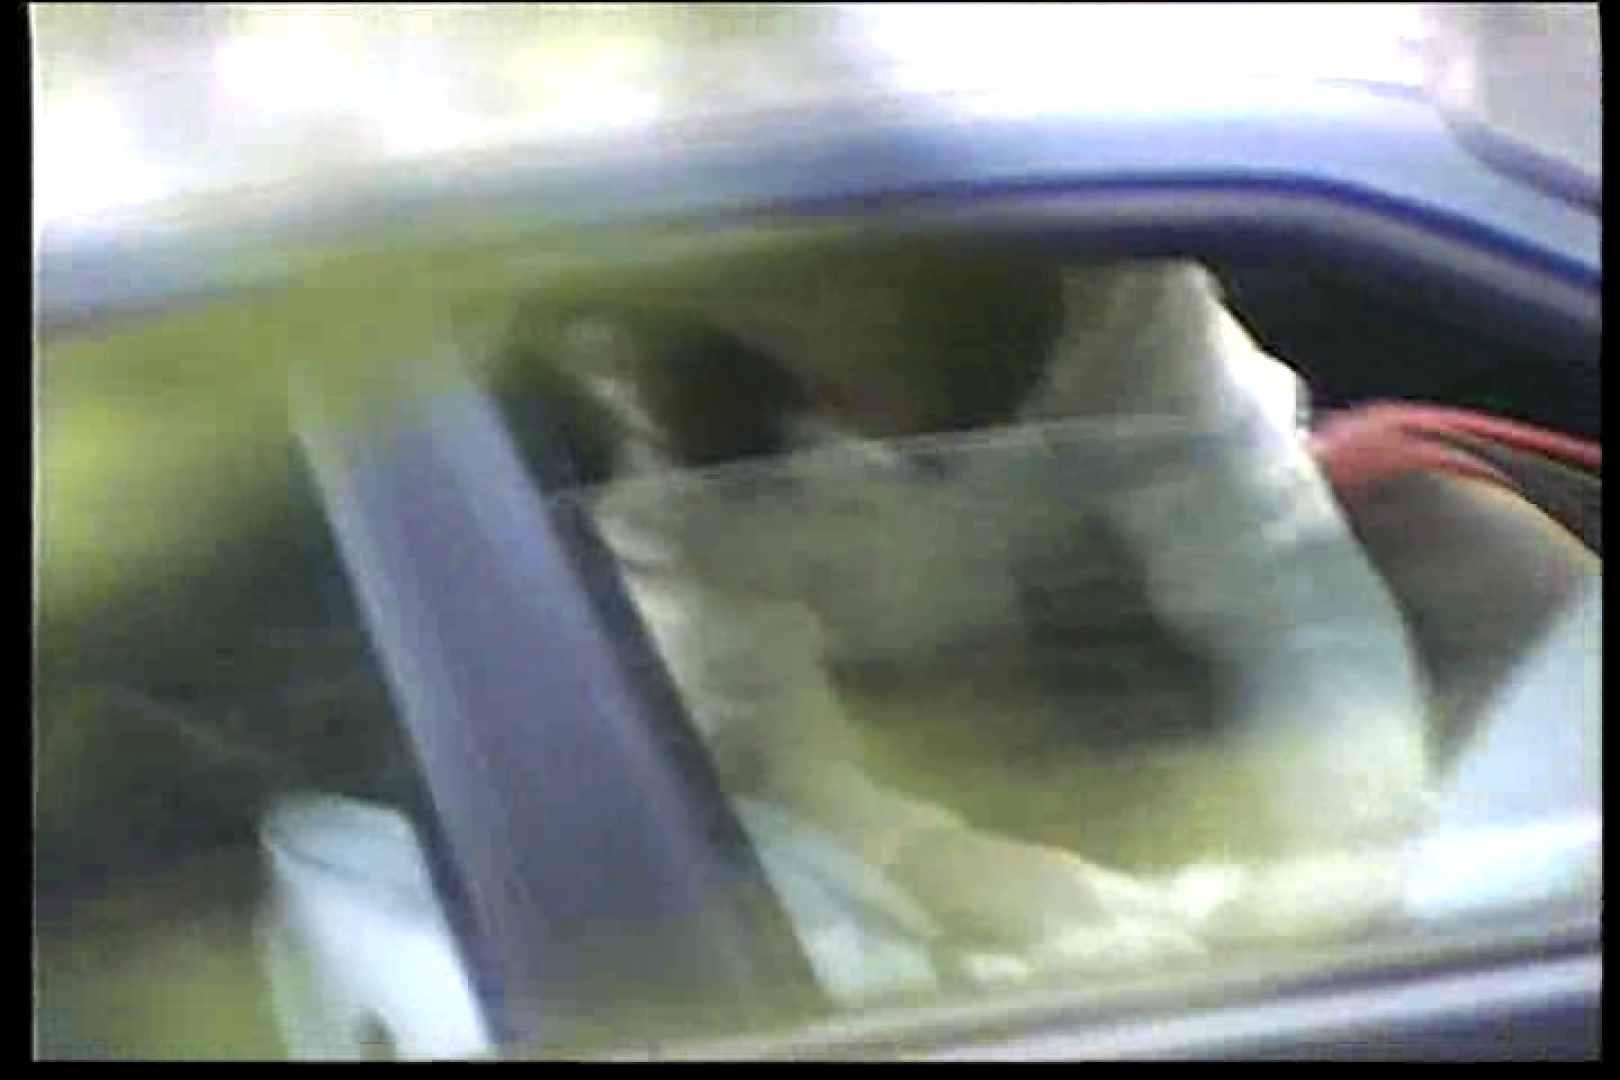 車の中はラブホテル 無修正版  Vol.12 ホテル | 望遠  93画像 33